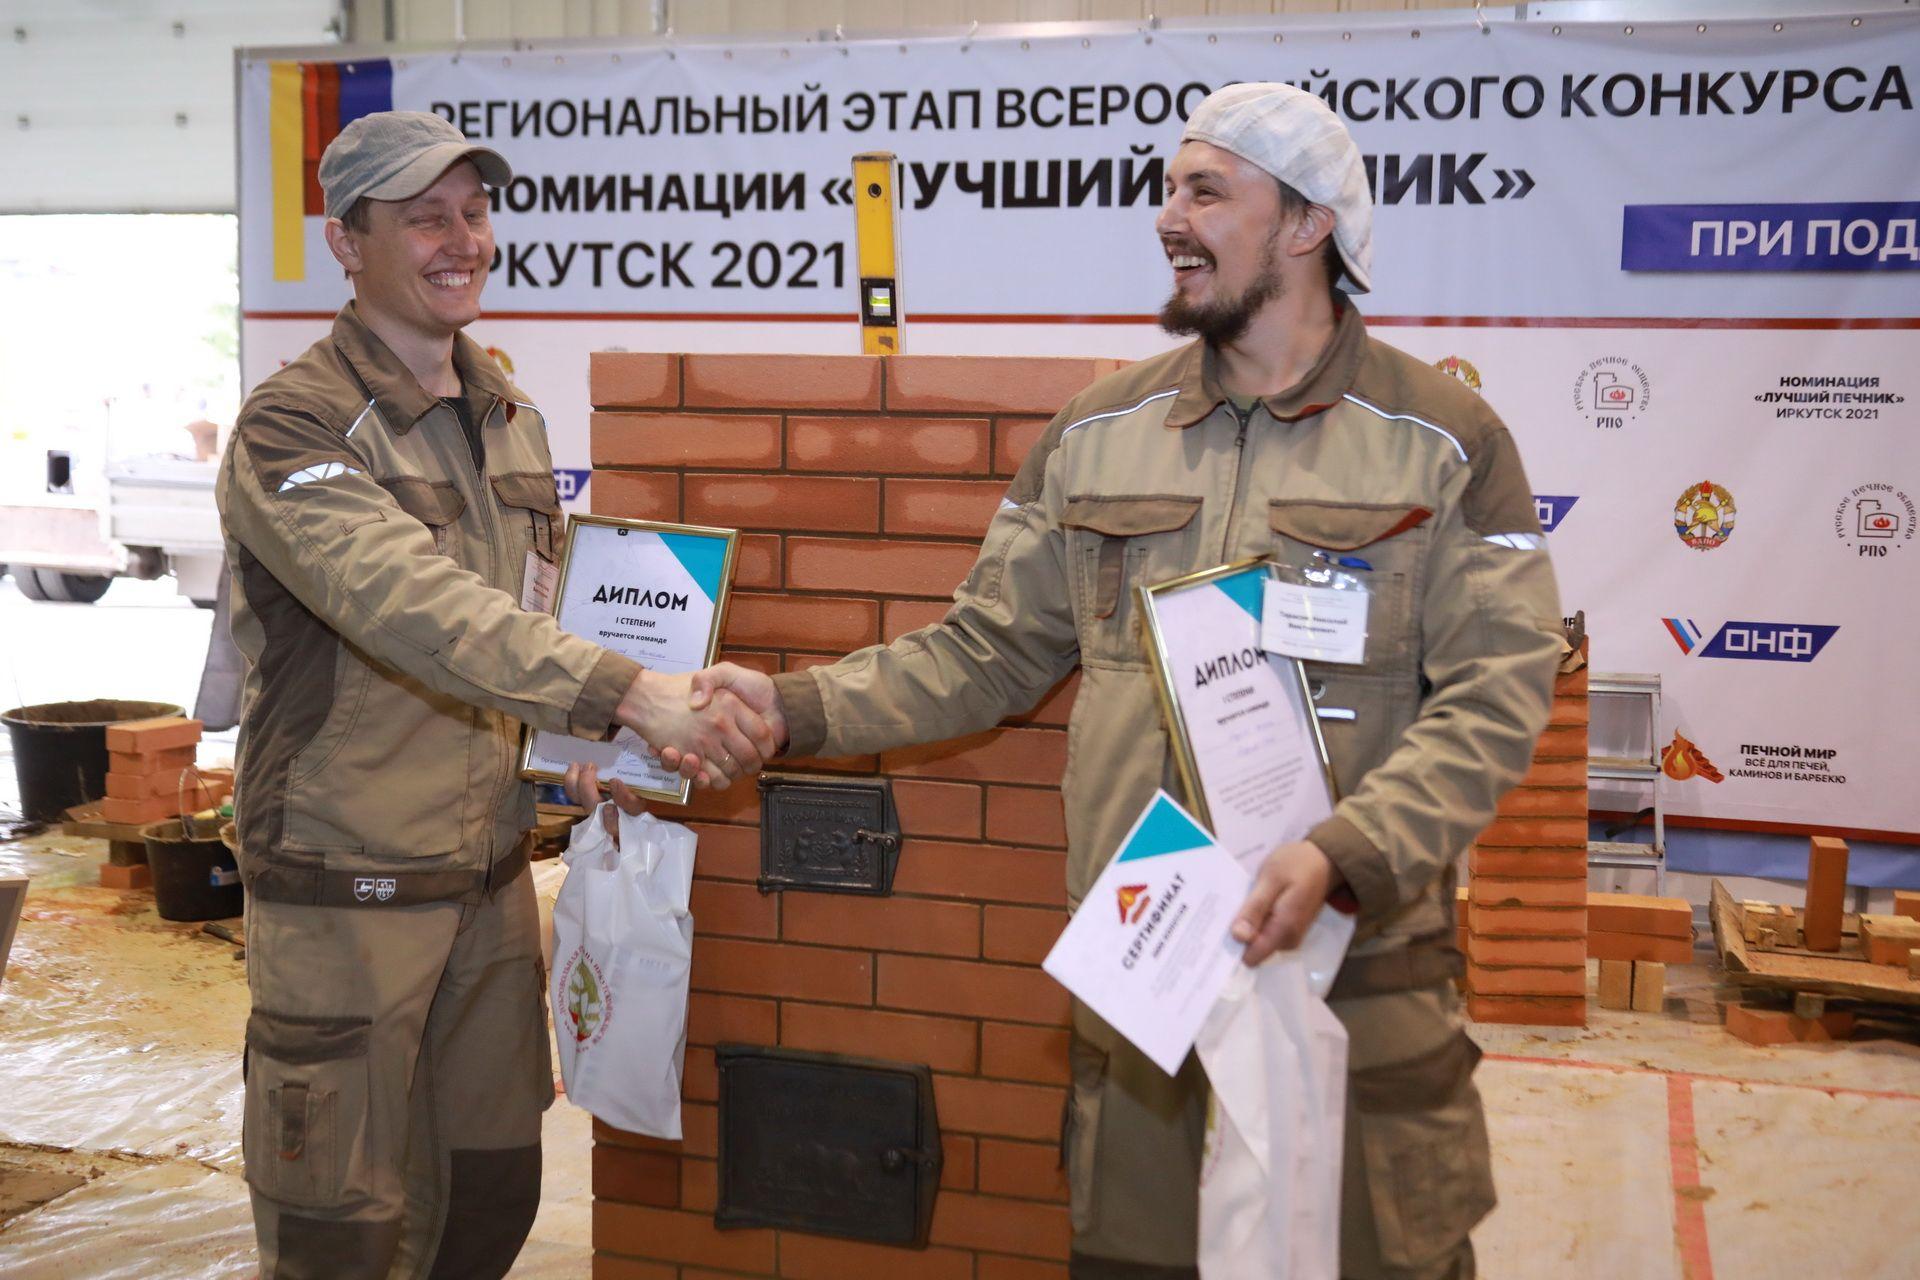 Завершились выставки «Байкальская строительная неделя» и «Энергоэффективность. ЖКХ. Городская среда» в Сибэкспоцентре